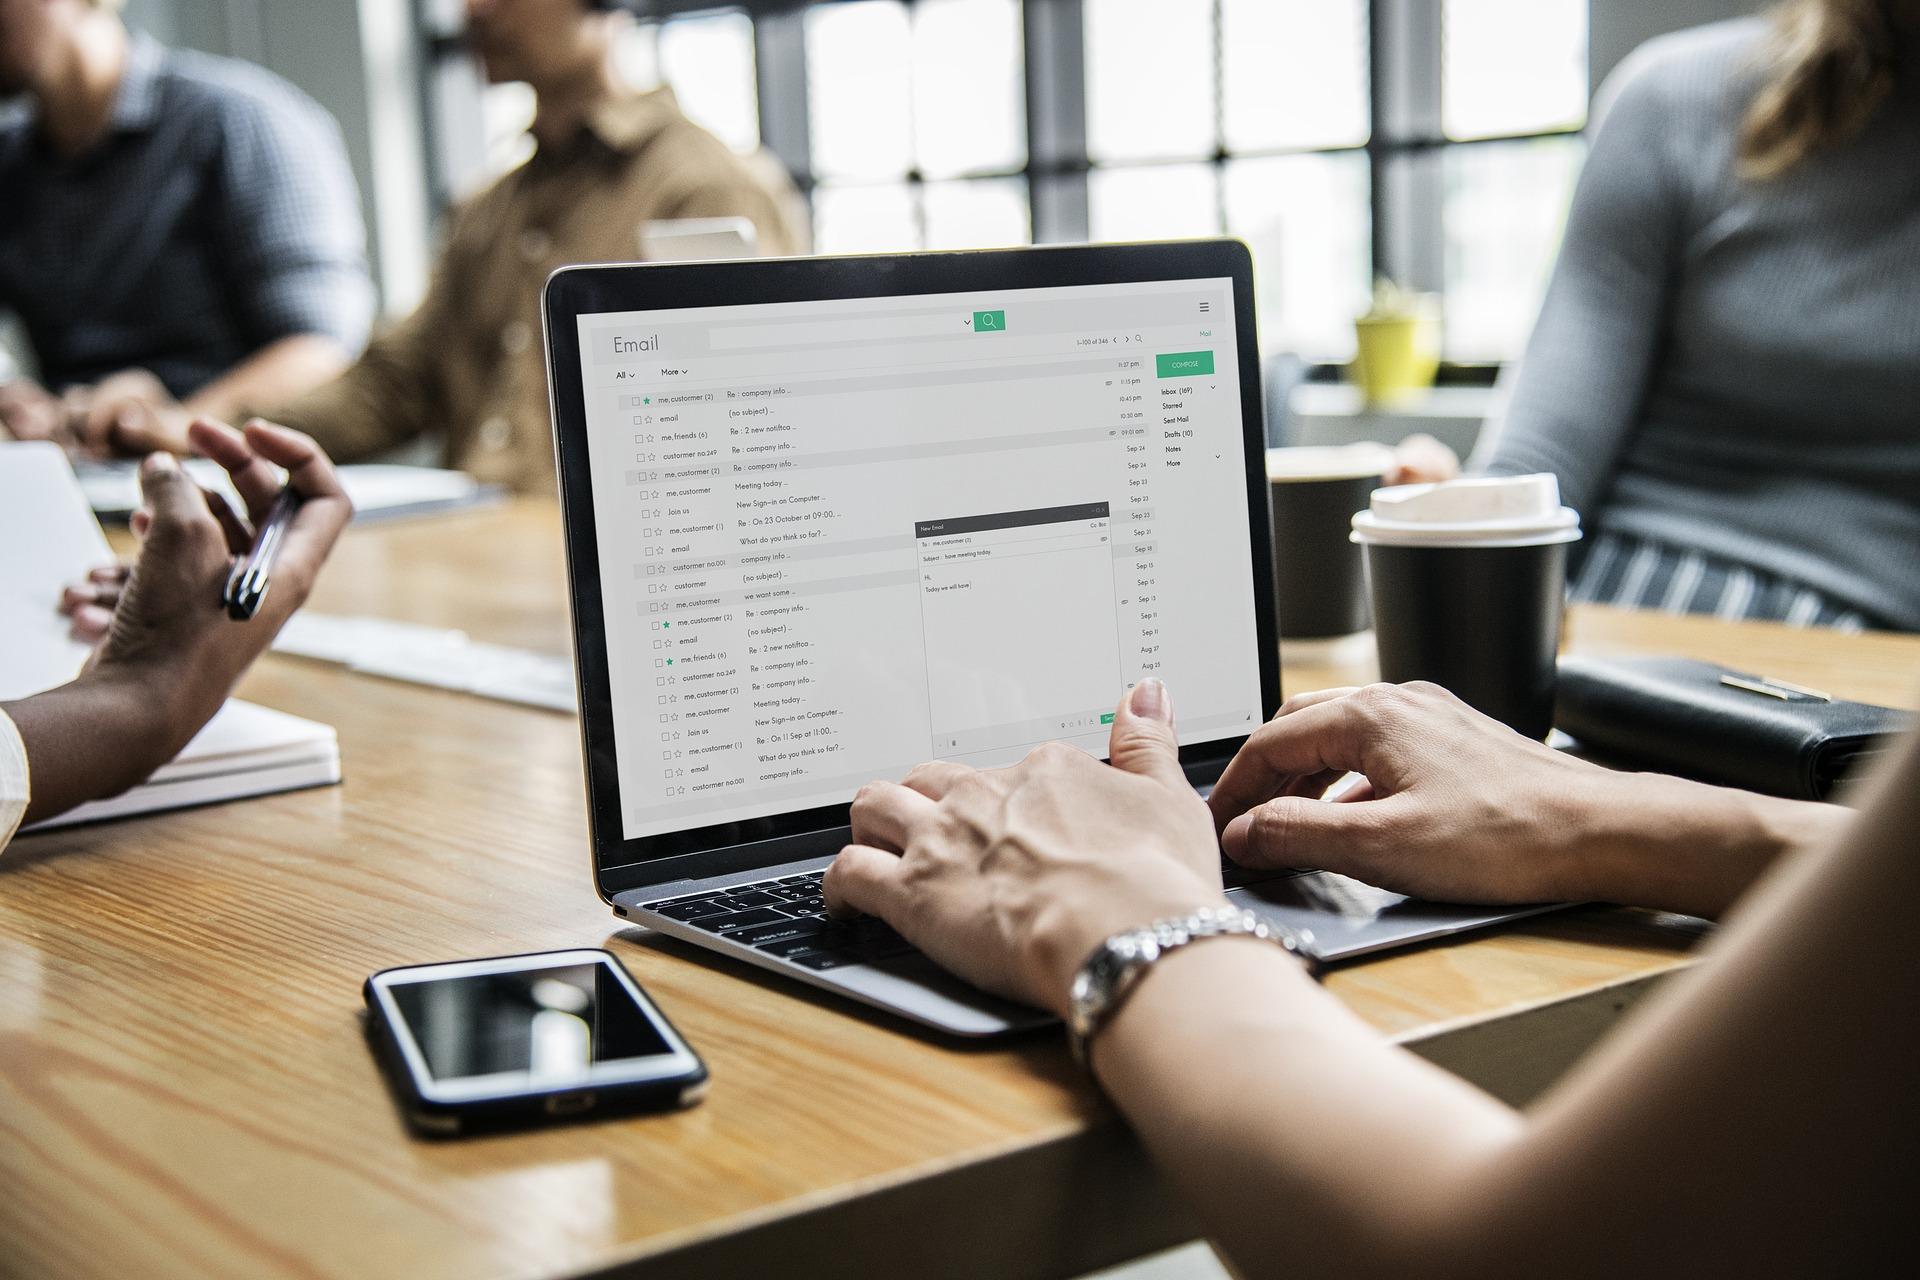 Отправка документов через интернет